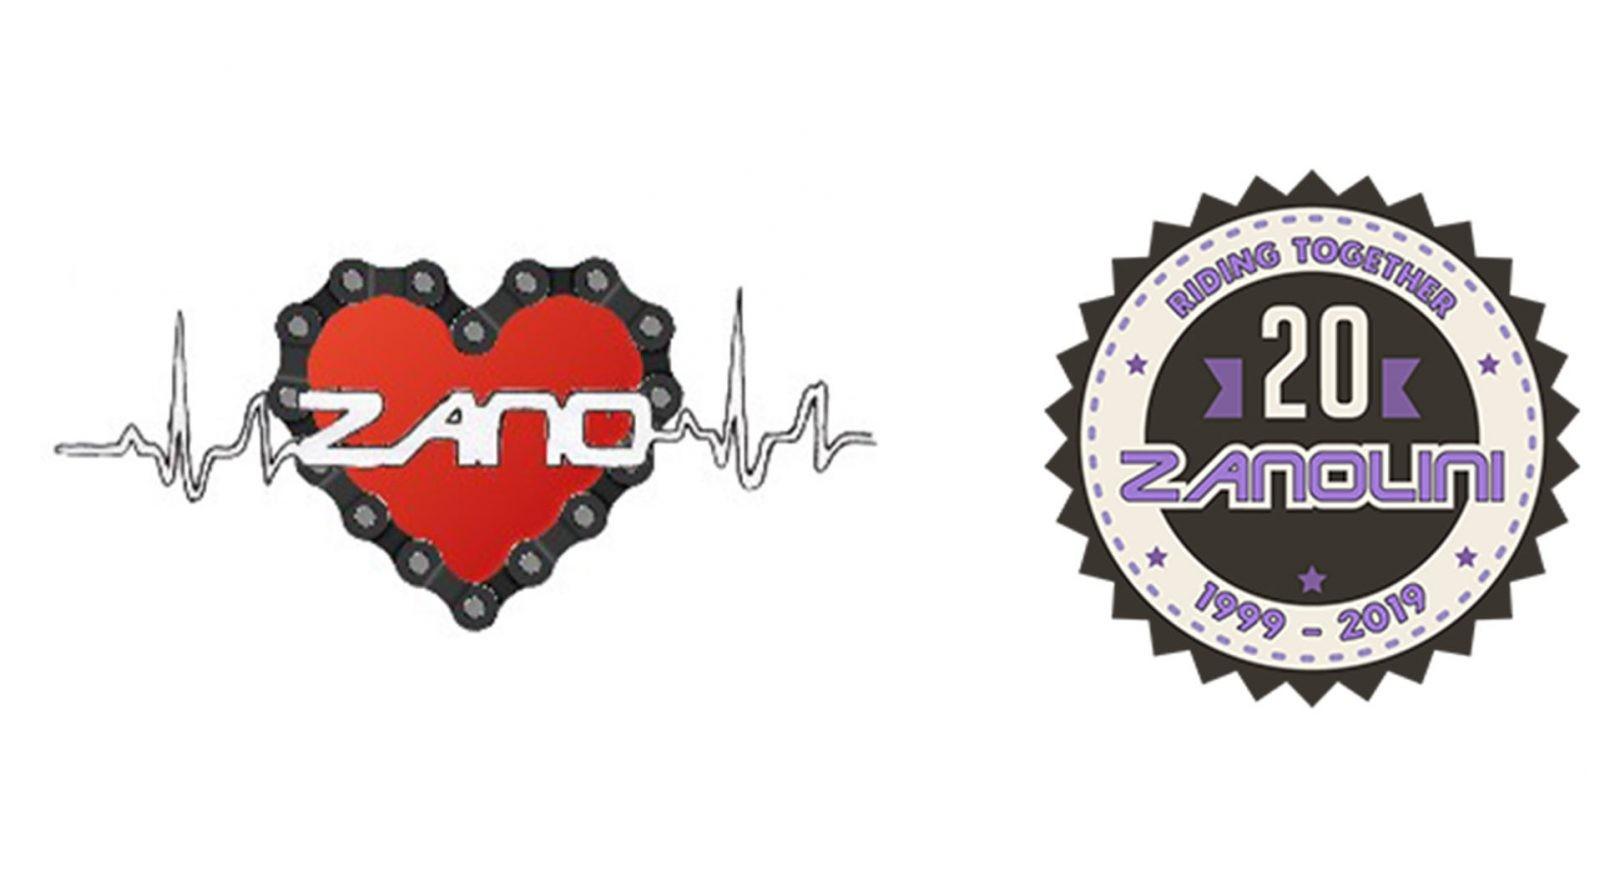 Zanolini Bike